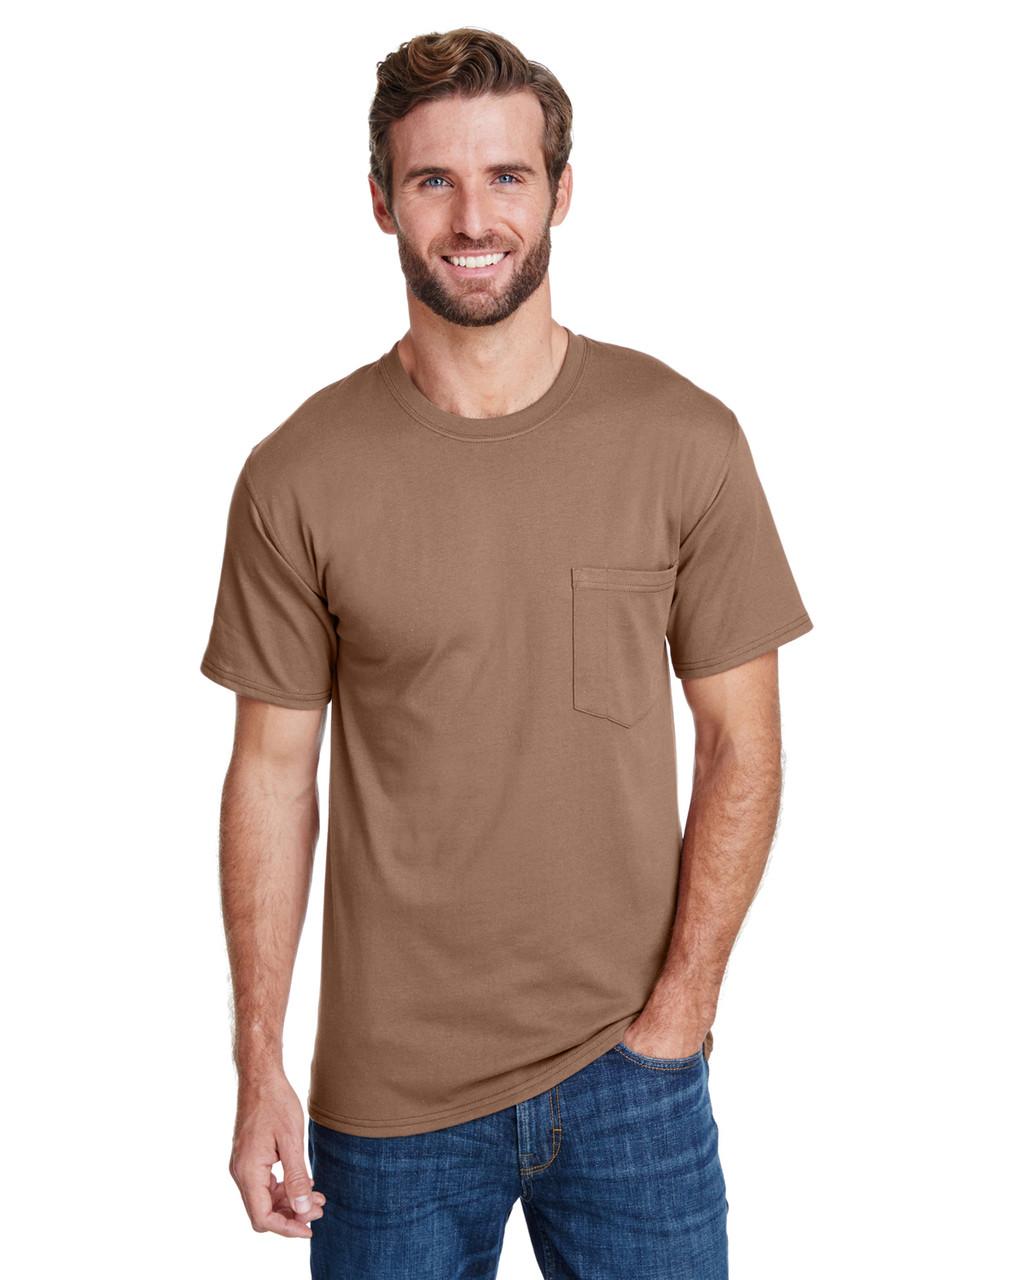 c10505c5 Hanes W110 Adult Workwear Pocket T-Shirt - ClothingAuthority.com